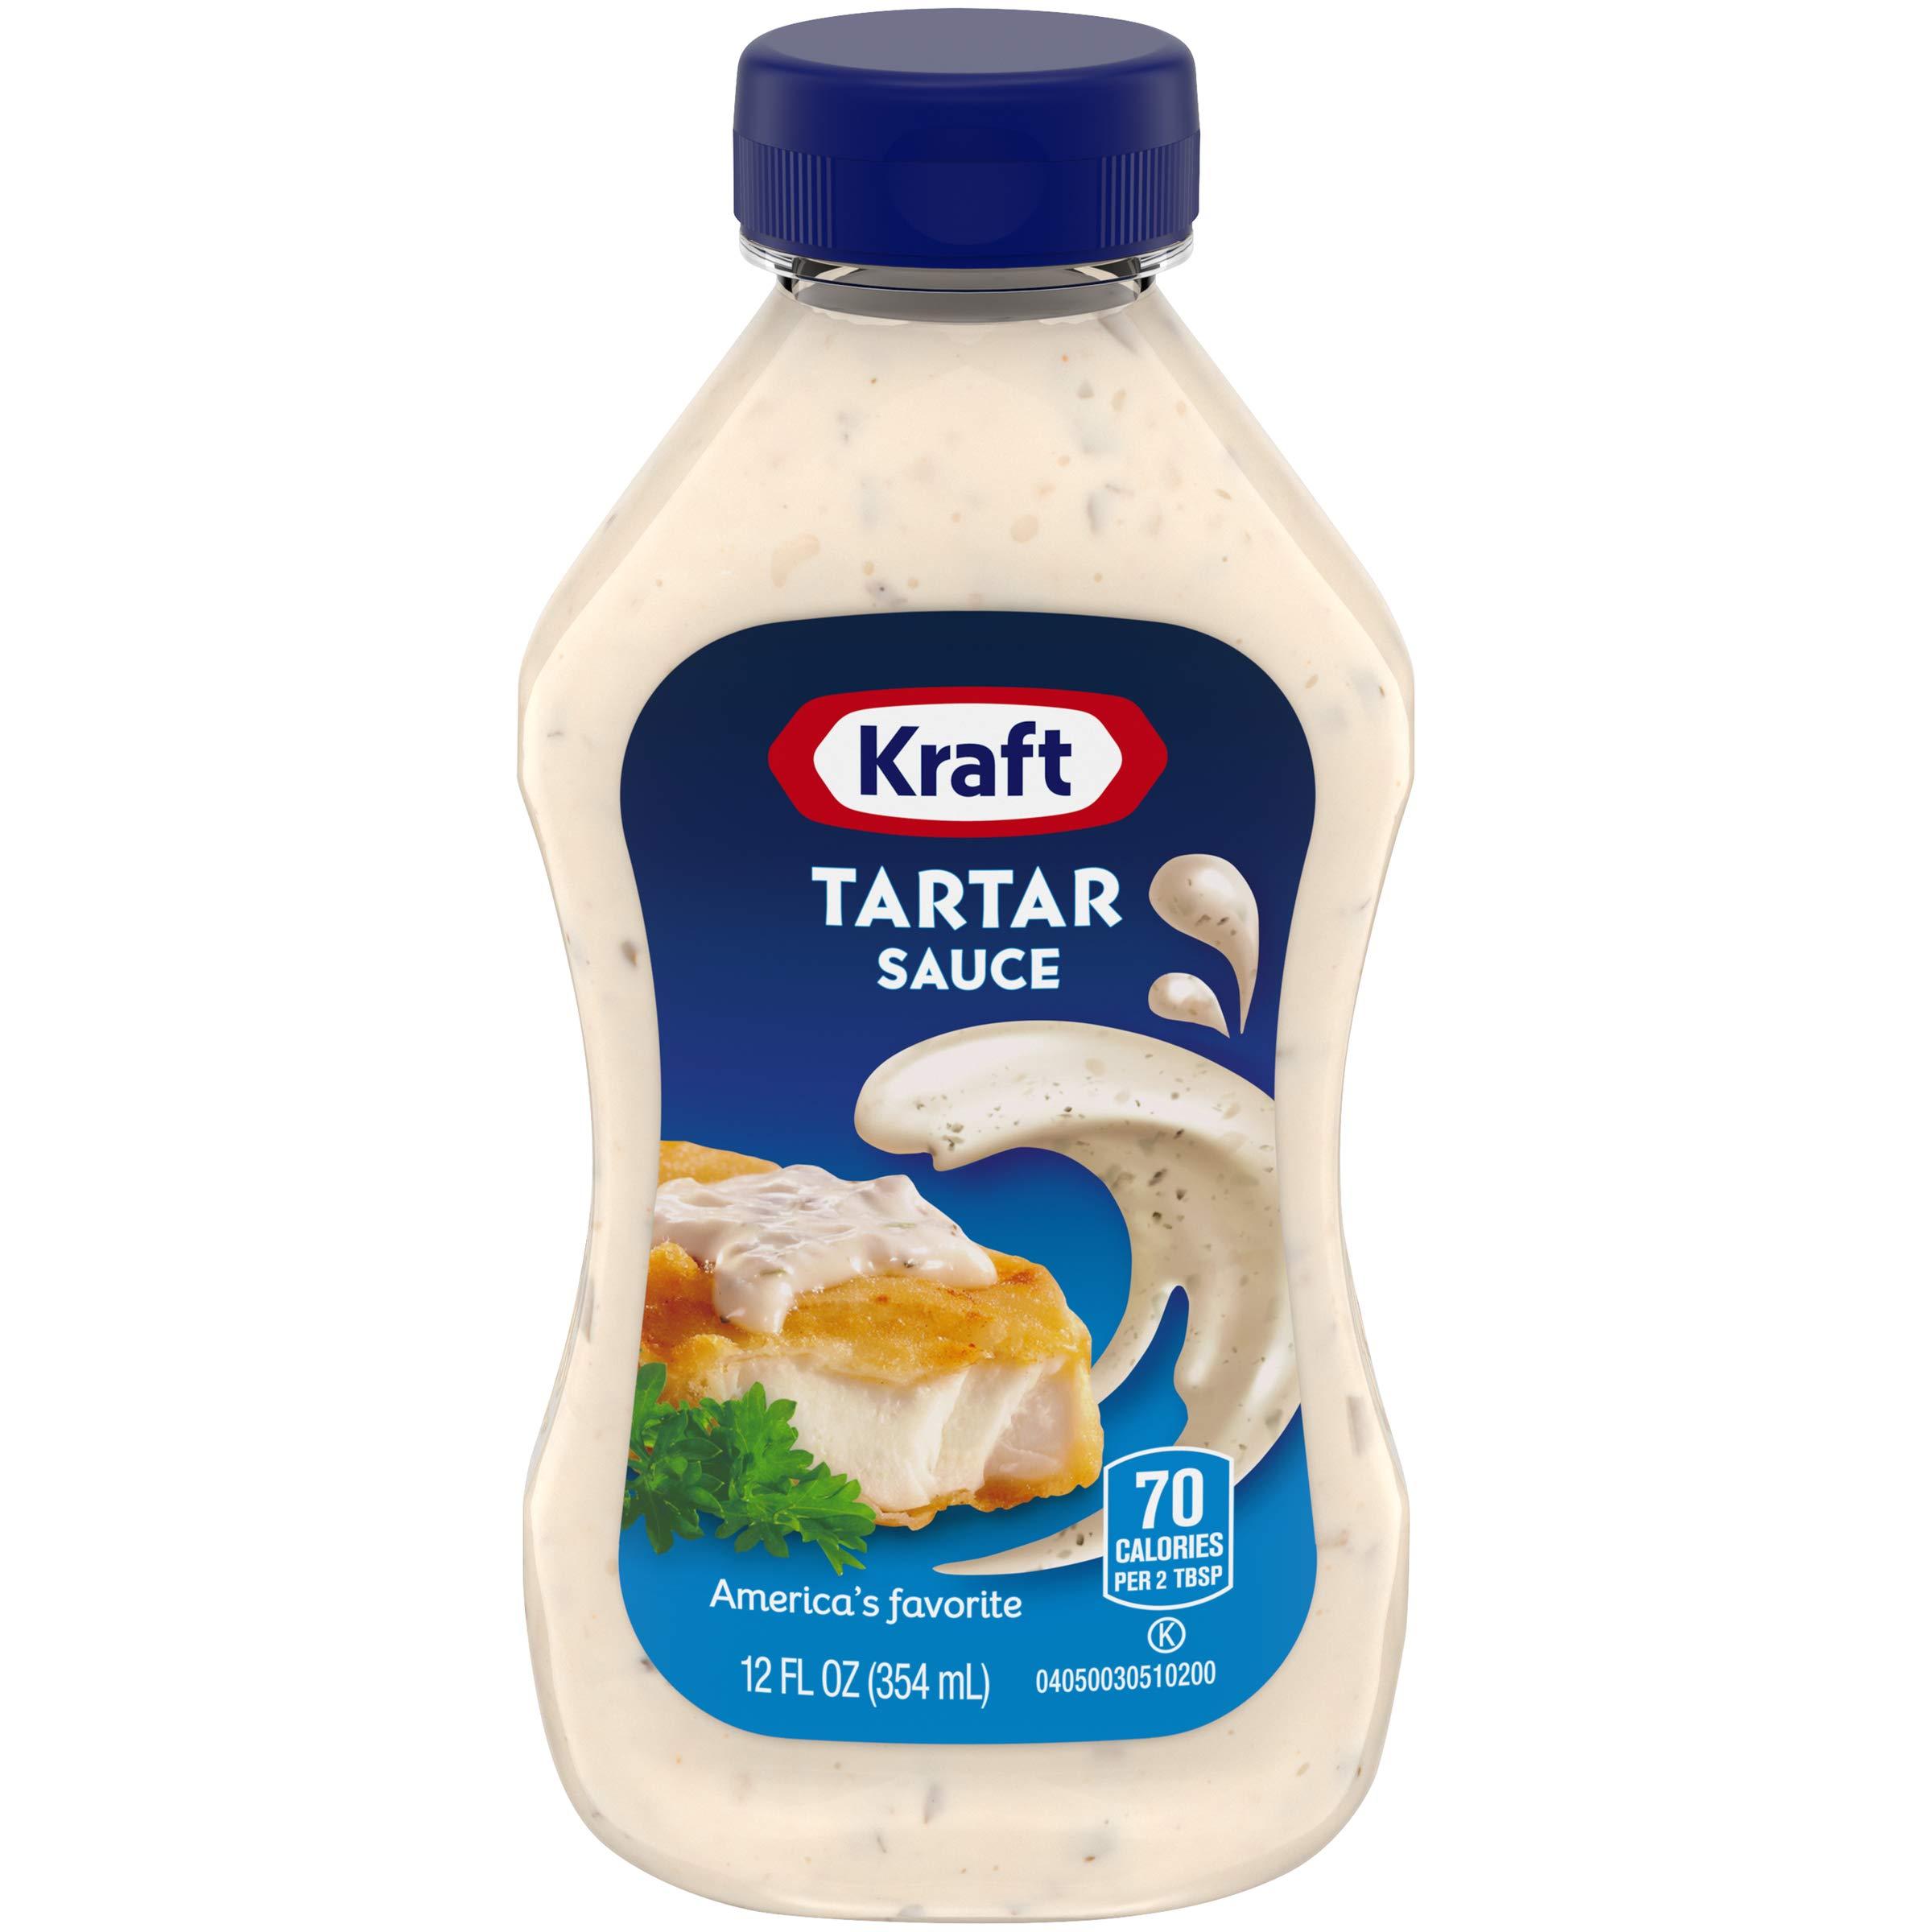 Kraft Tartar Sauce, 12 fl oz Bottle